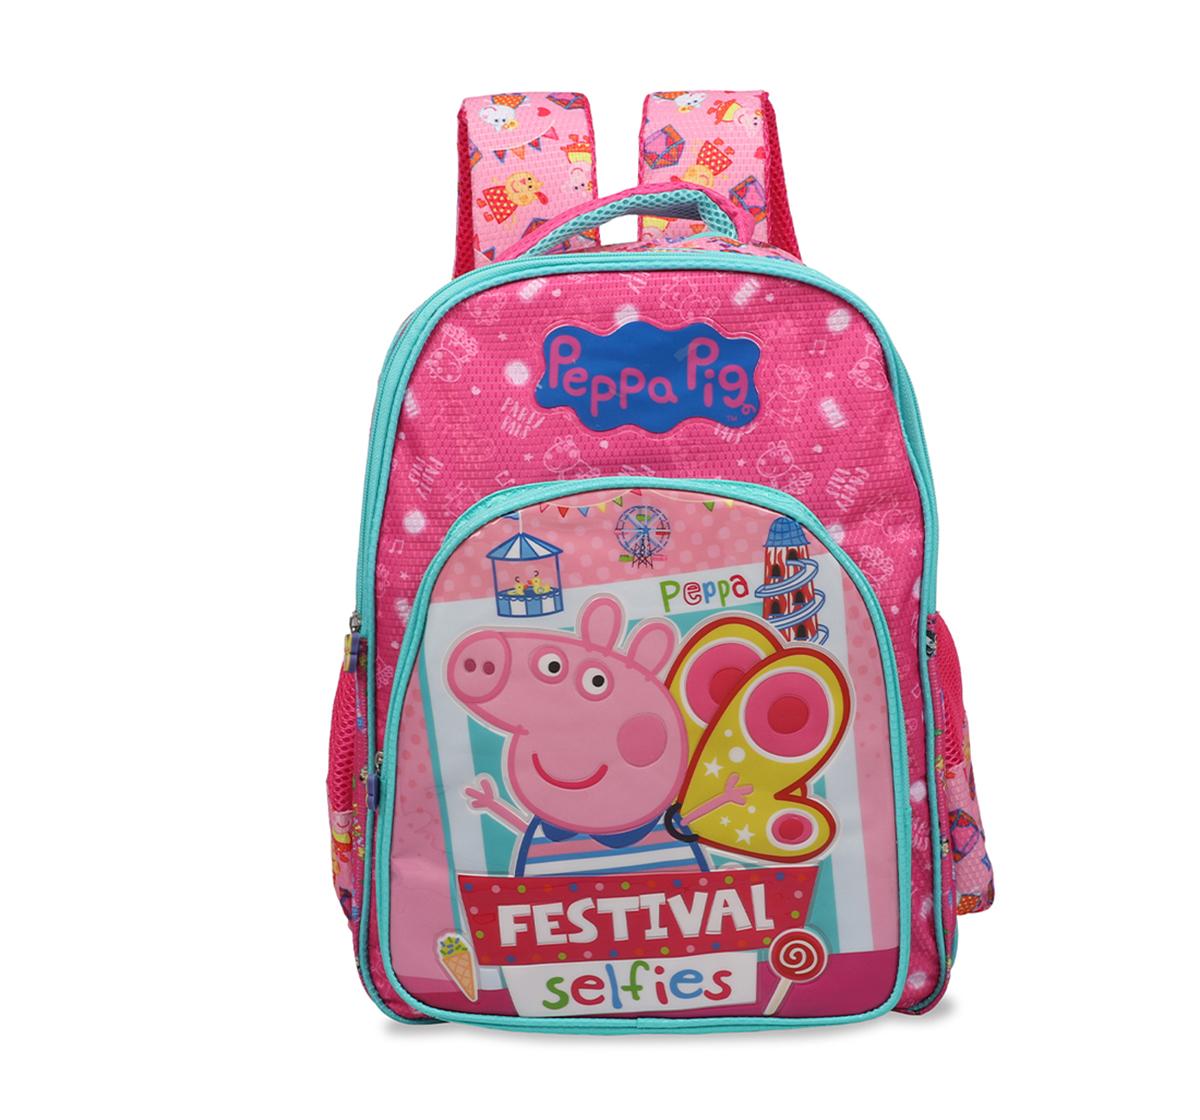 Peppa Pig | Peppa Pig  Festival Selfies  School bag 41 Cm  for Kids age 7Y+ (Pink)